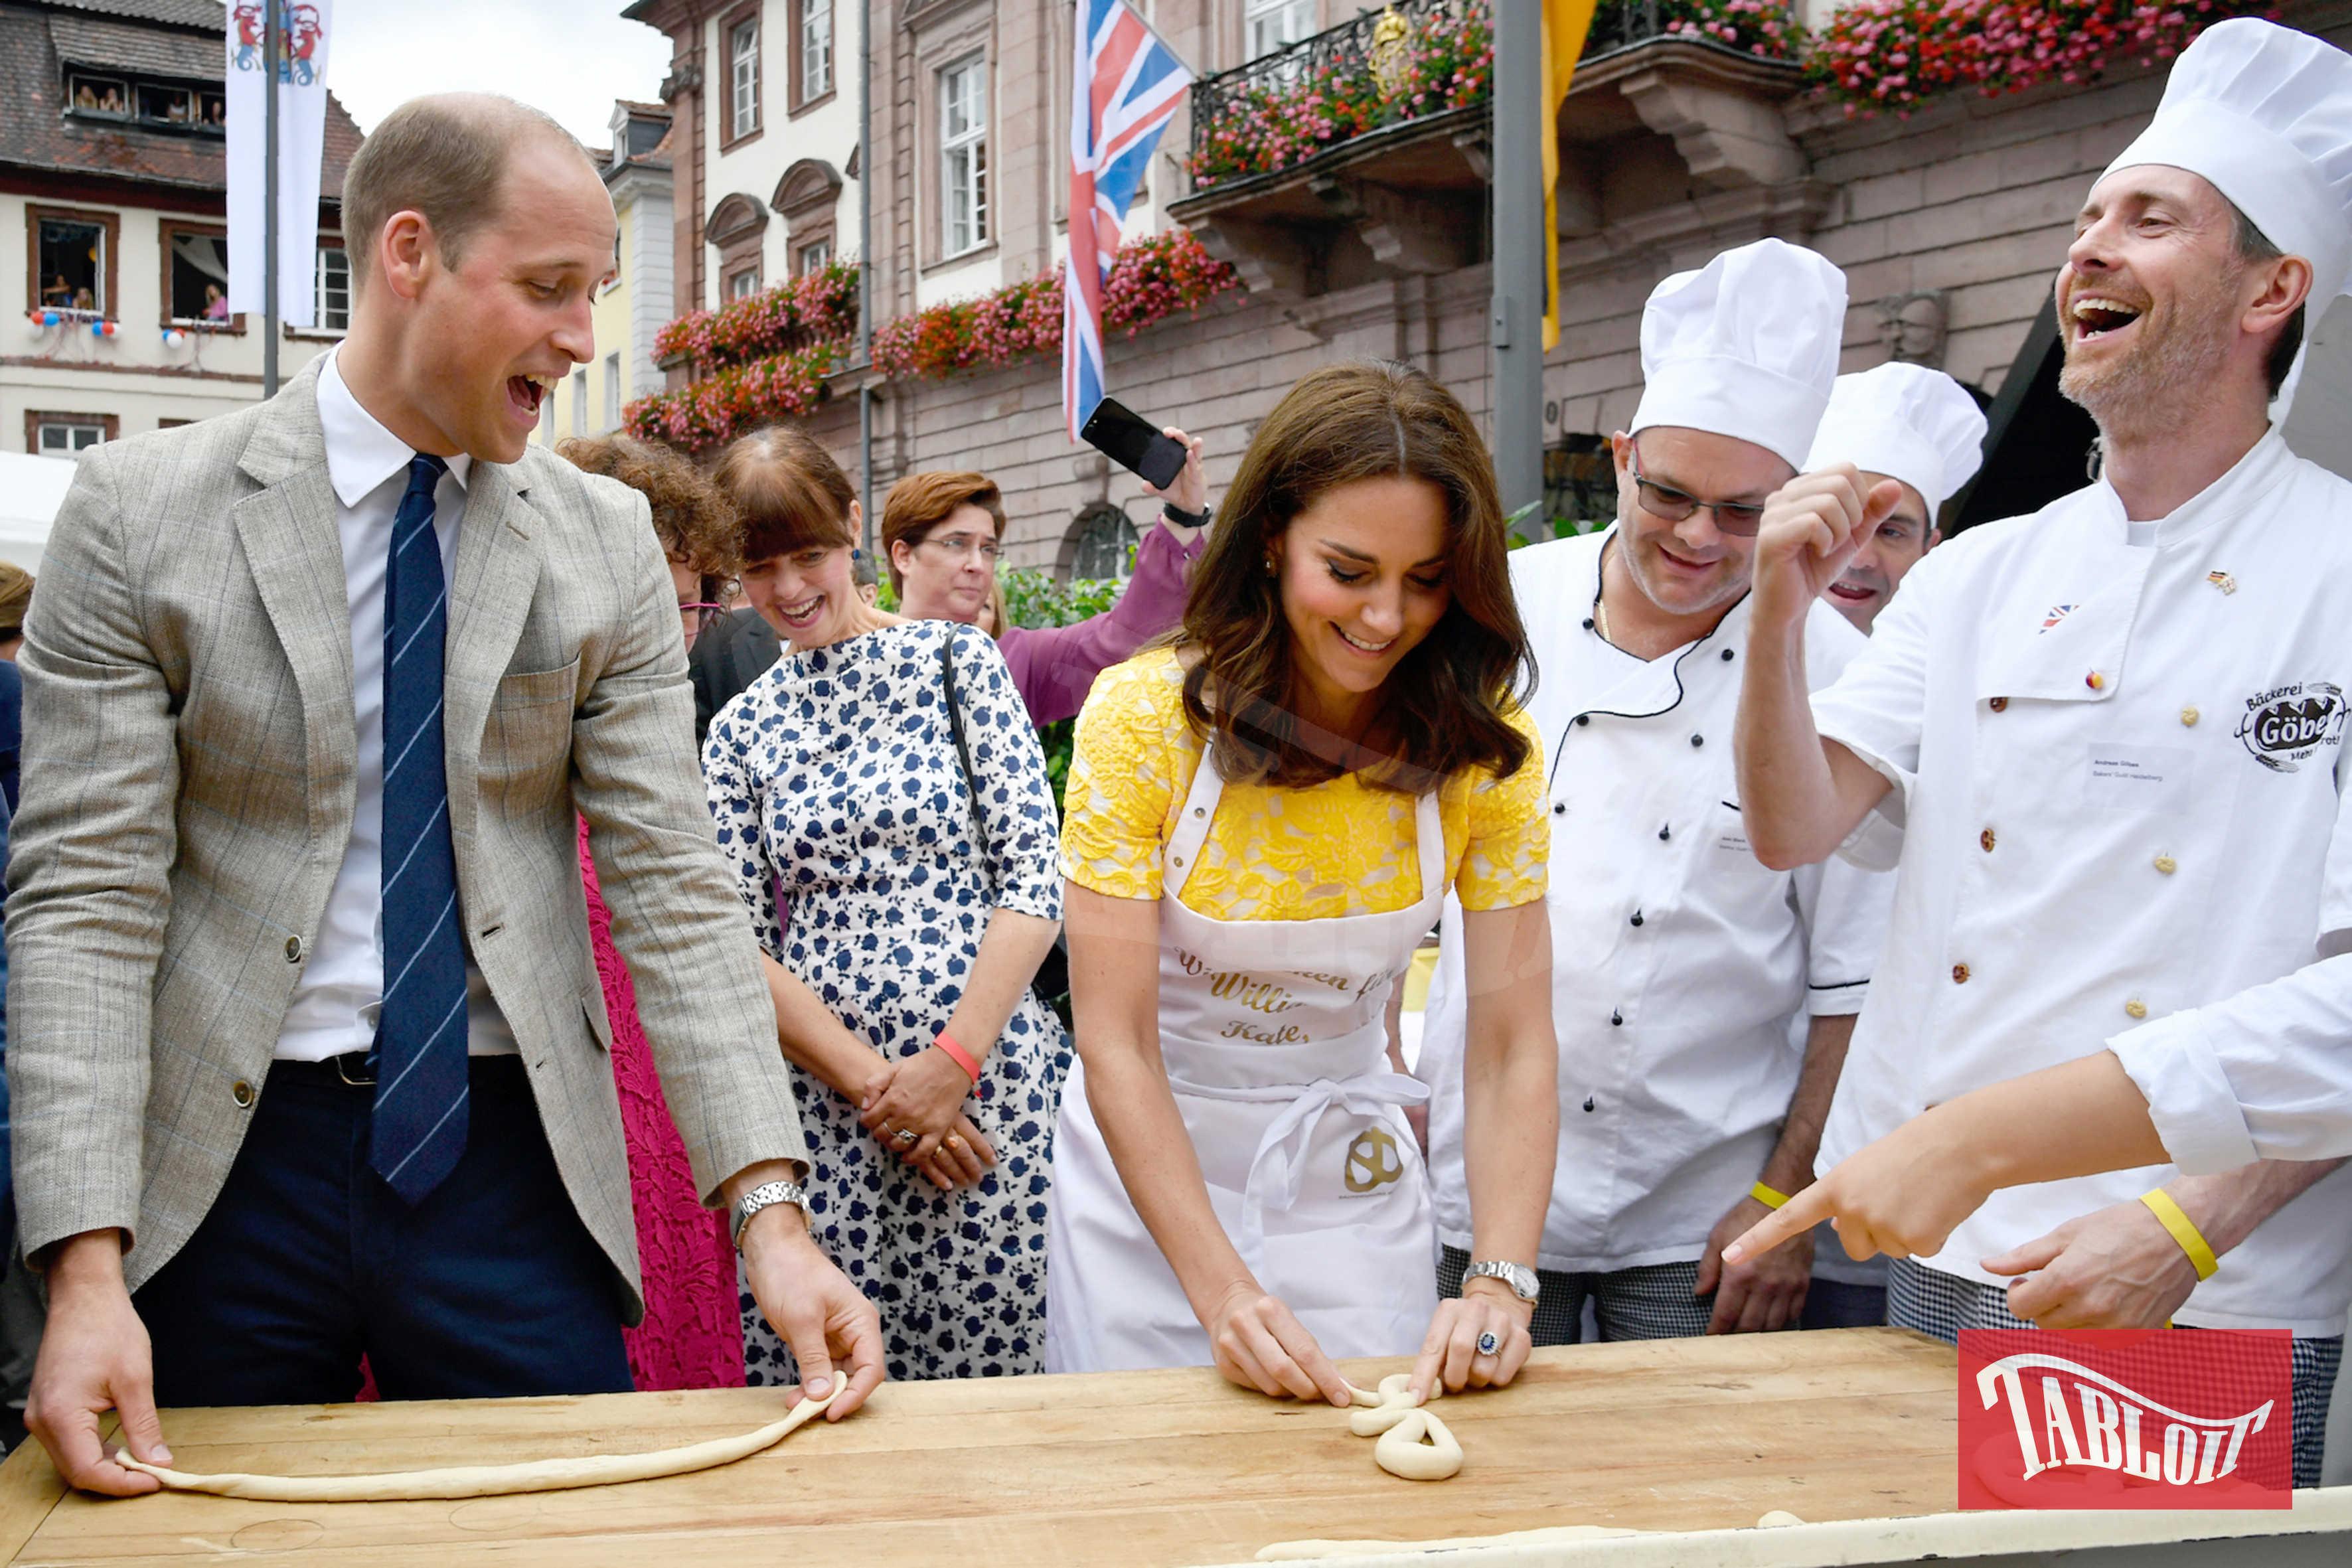 William e Kate provano a preparare i pretzels durante una visita ad Heidelberg, in Germania